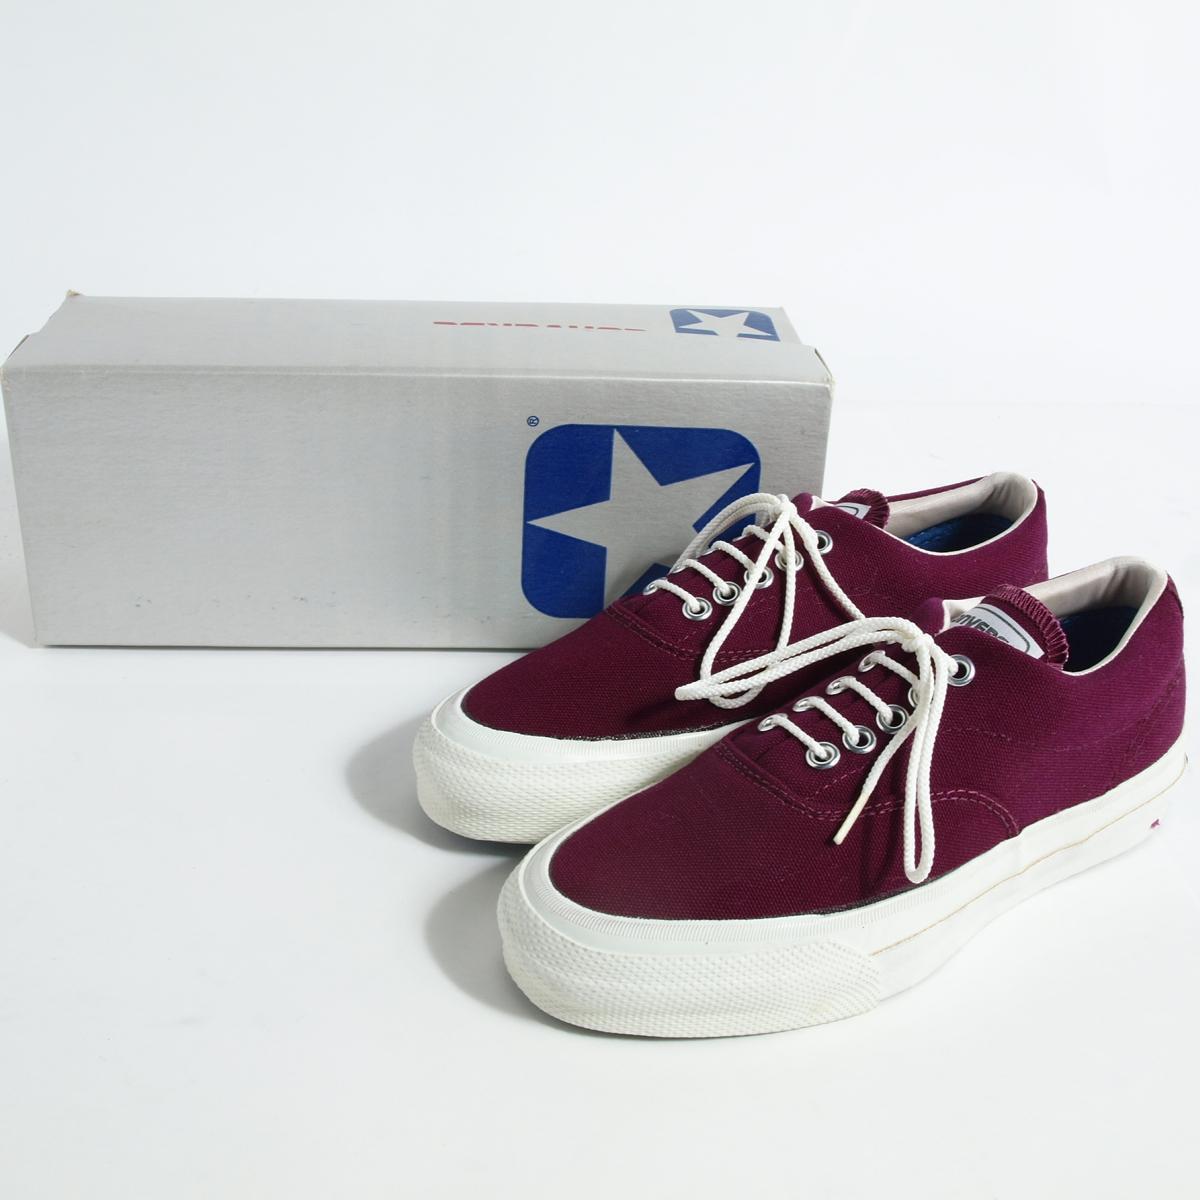 レディース靴, スニーカー  80 USA SKIDGRIP LOW MAROON US4 23.0cm CONVERSE jam0357161028